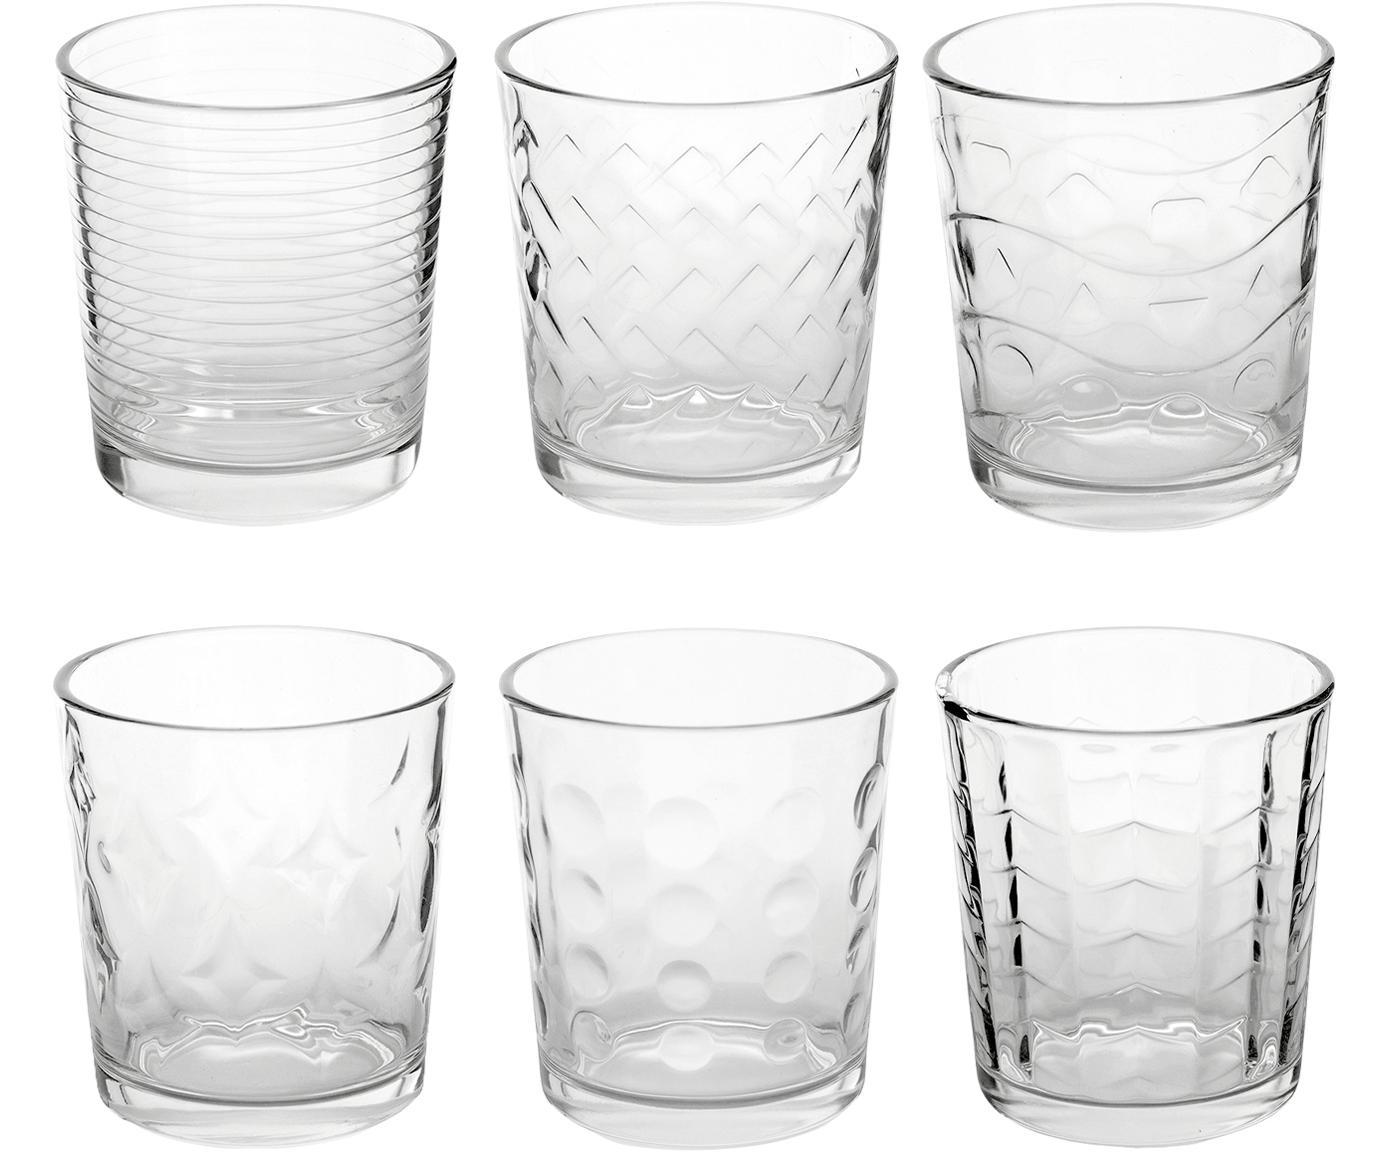 Komplet szklanek do wody, 6 elem., Szkło, Transparentny, Ø 9 x W 10 cm